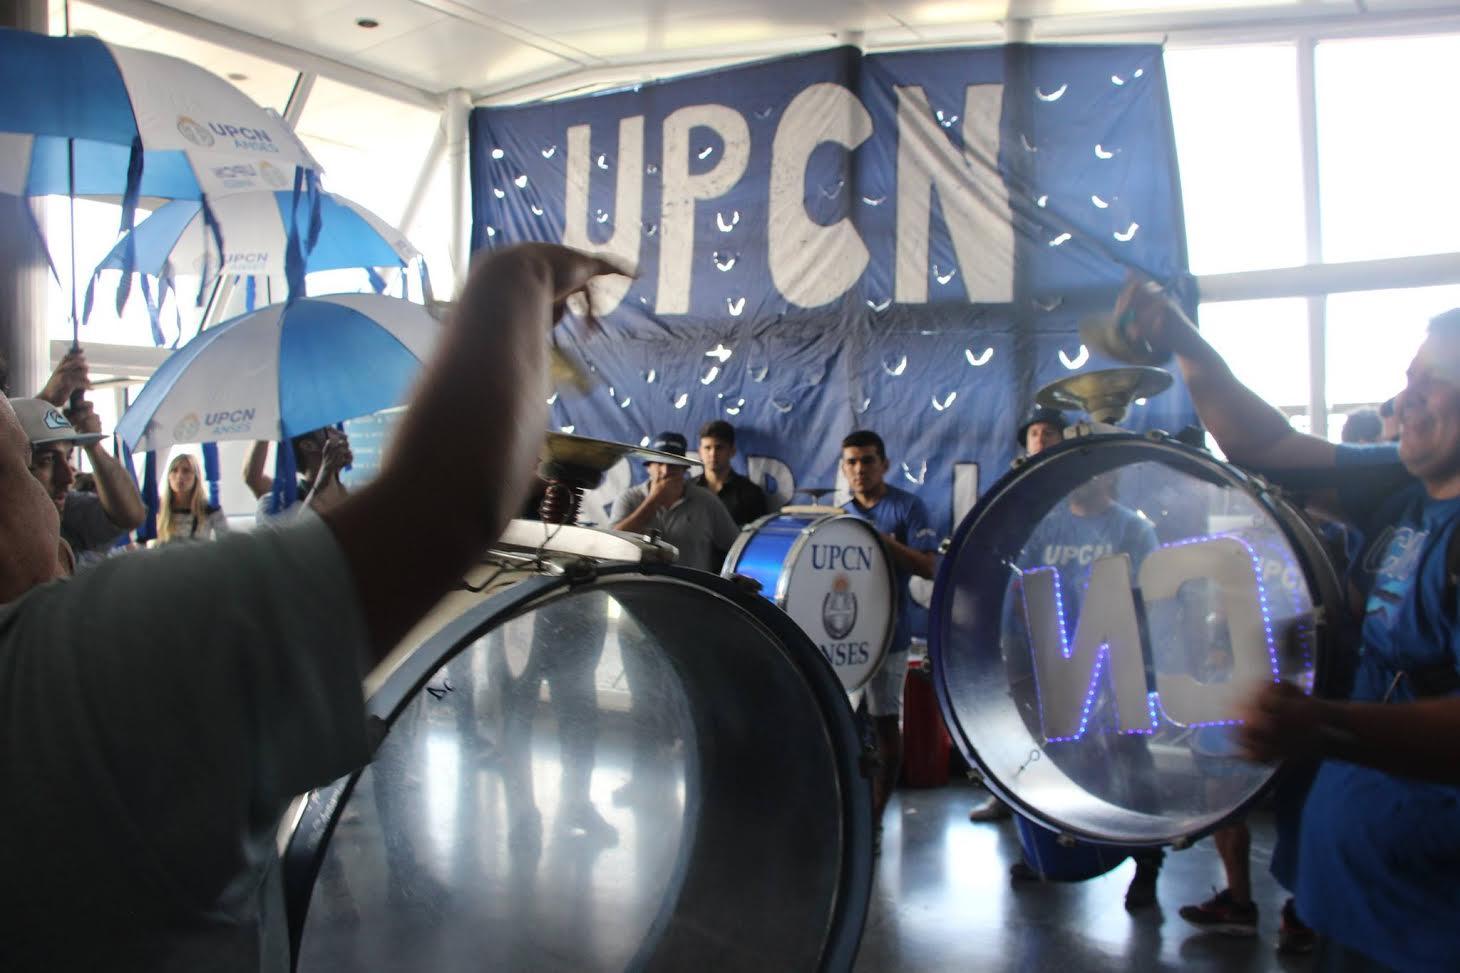 upcn-3